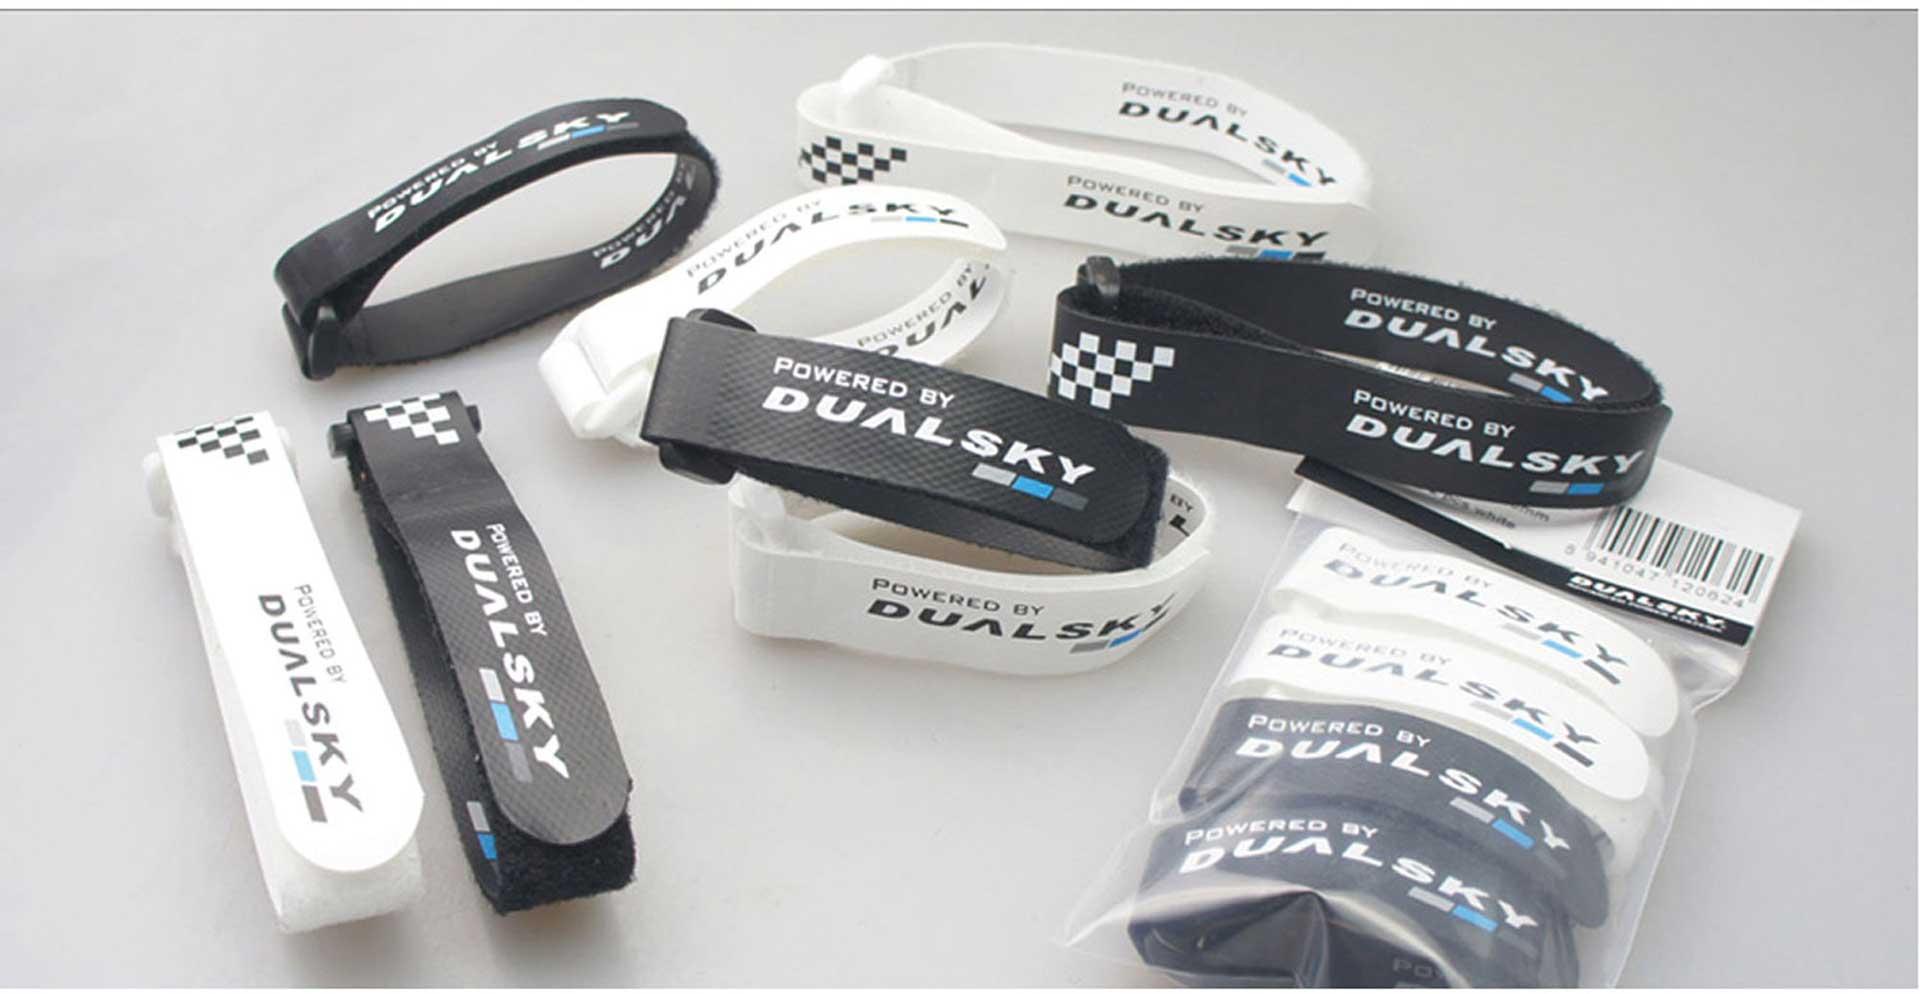 DUALSKY BATTERY FASTENER V2 380MM BATTERY VELCRO 2PCS. WHITE, 2STK. BLACK